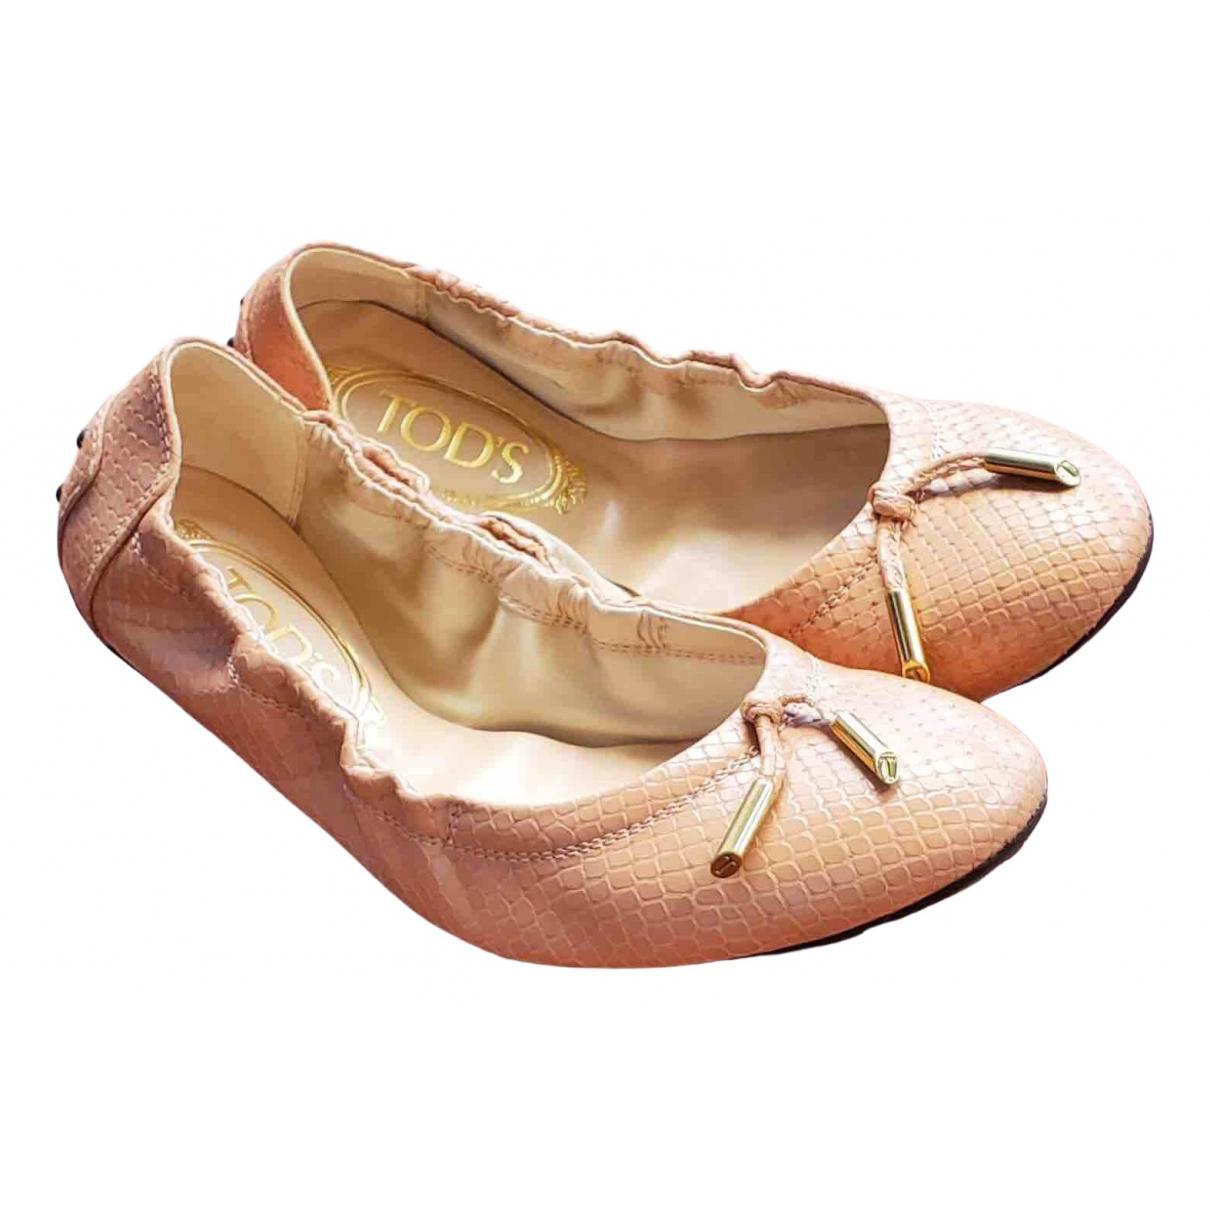 Bailarinas de Cueros exoticos Tods